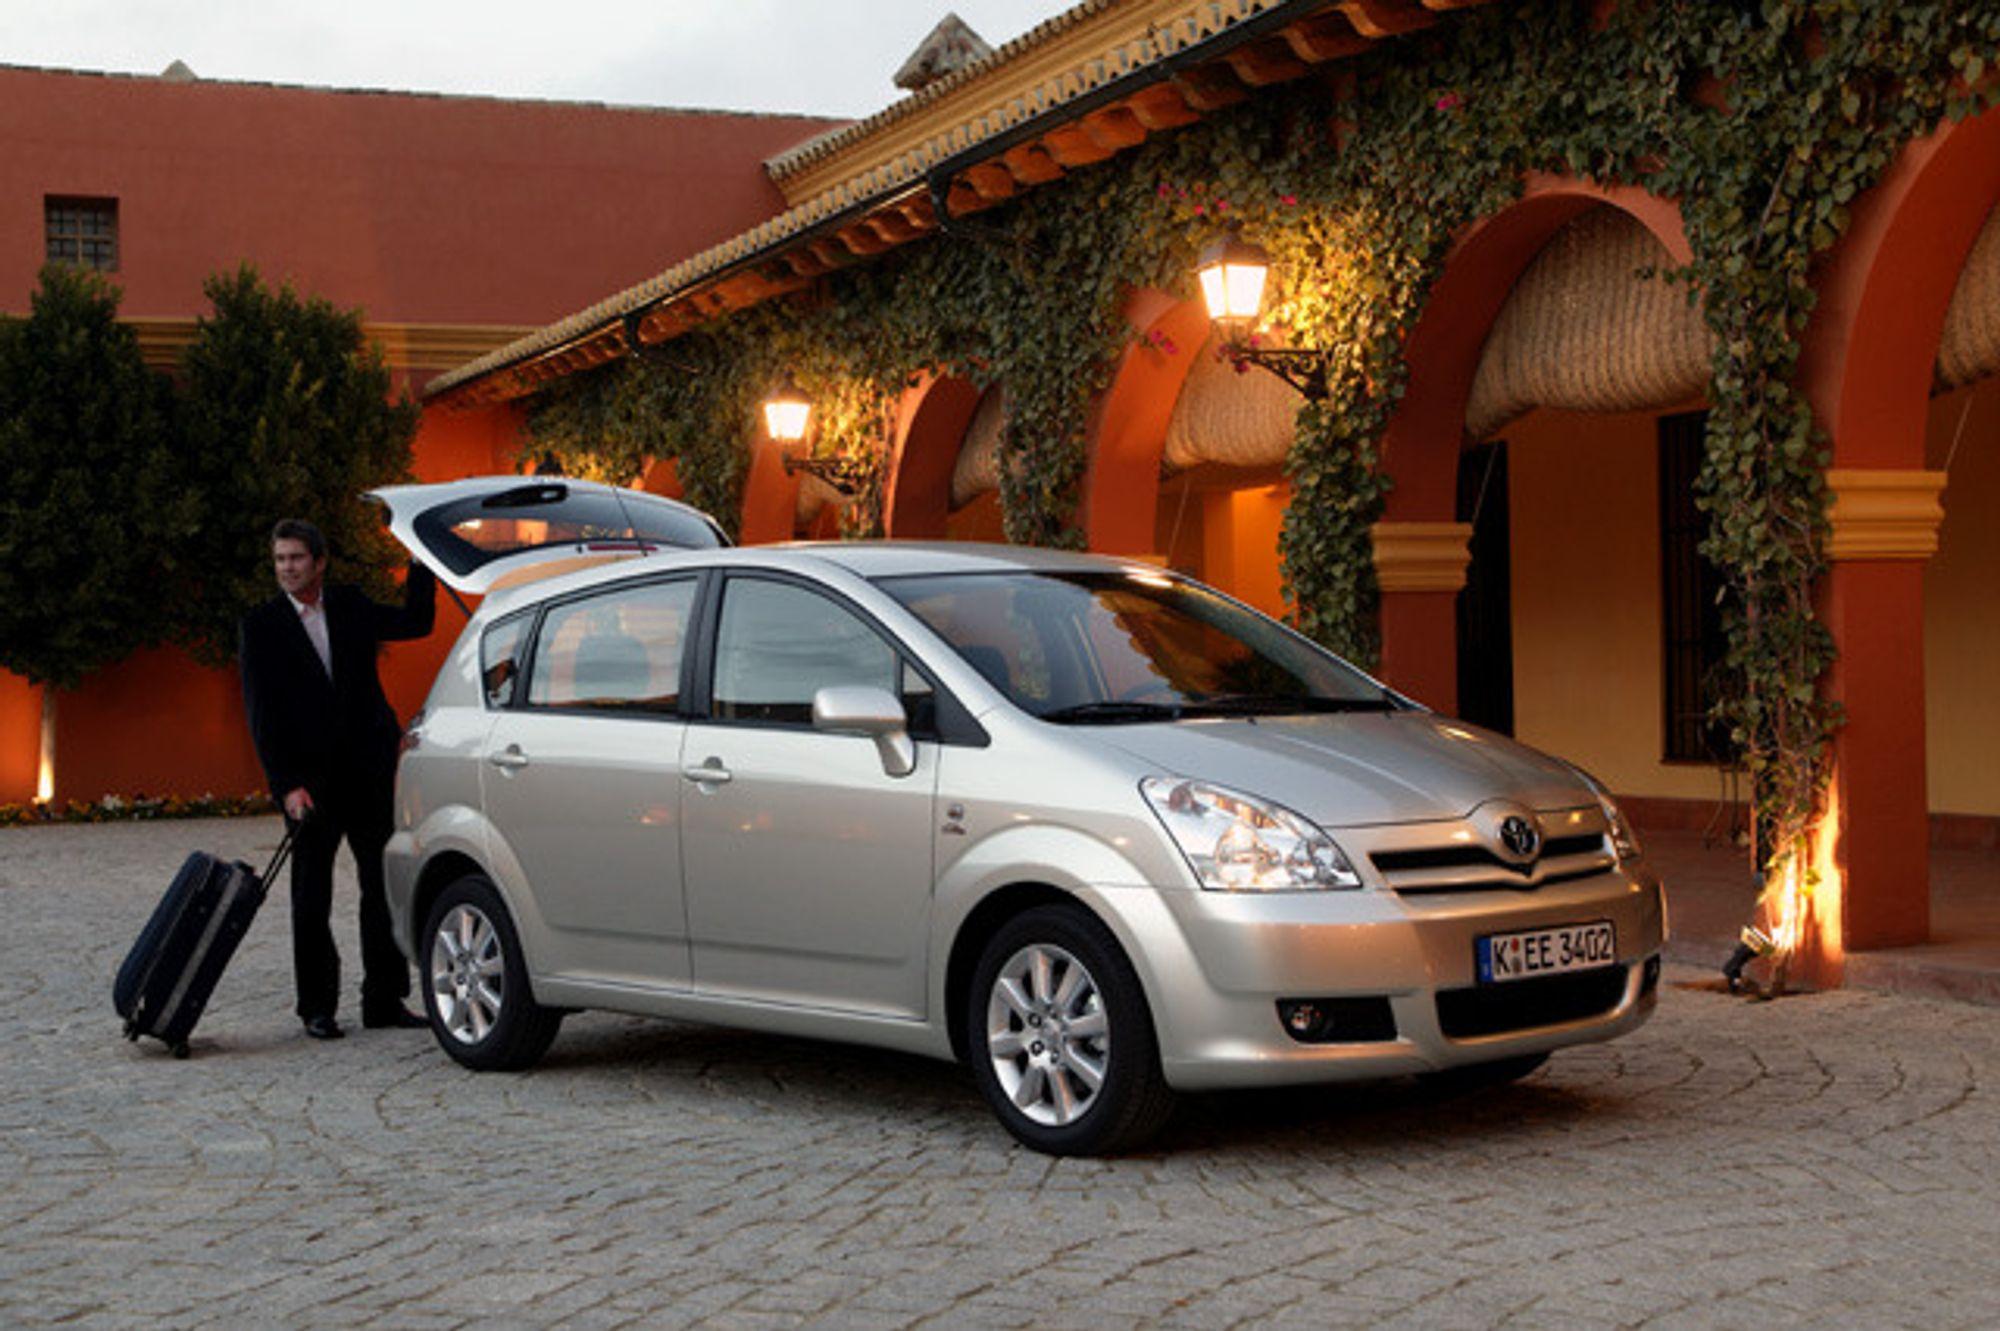 RÅSTERK: Mellomklassebilen Corolla Verso kommer i høst med den nye dieselmotoren fra Toyota, en 2,2 liter på 130 kW/177 hk og 400 Nm dreiemoment.